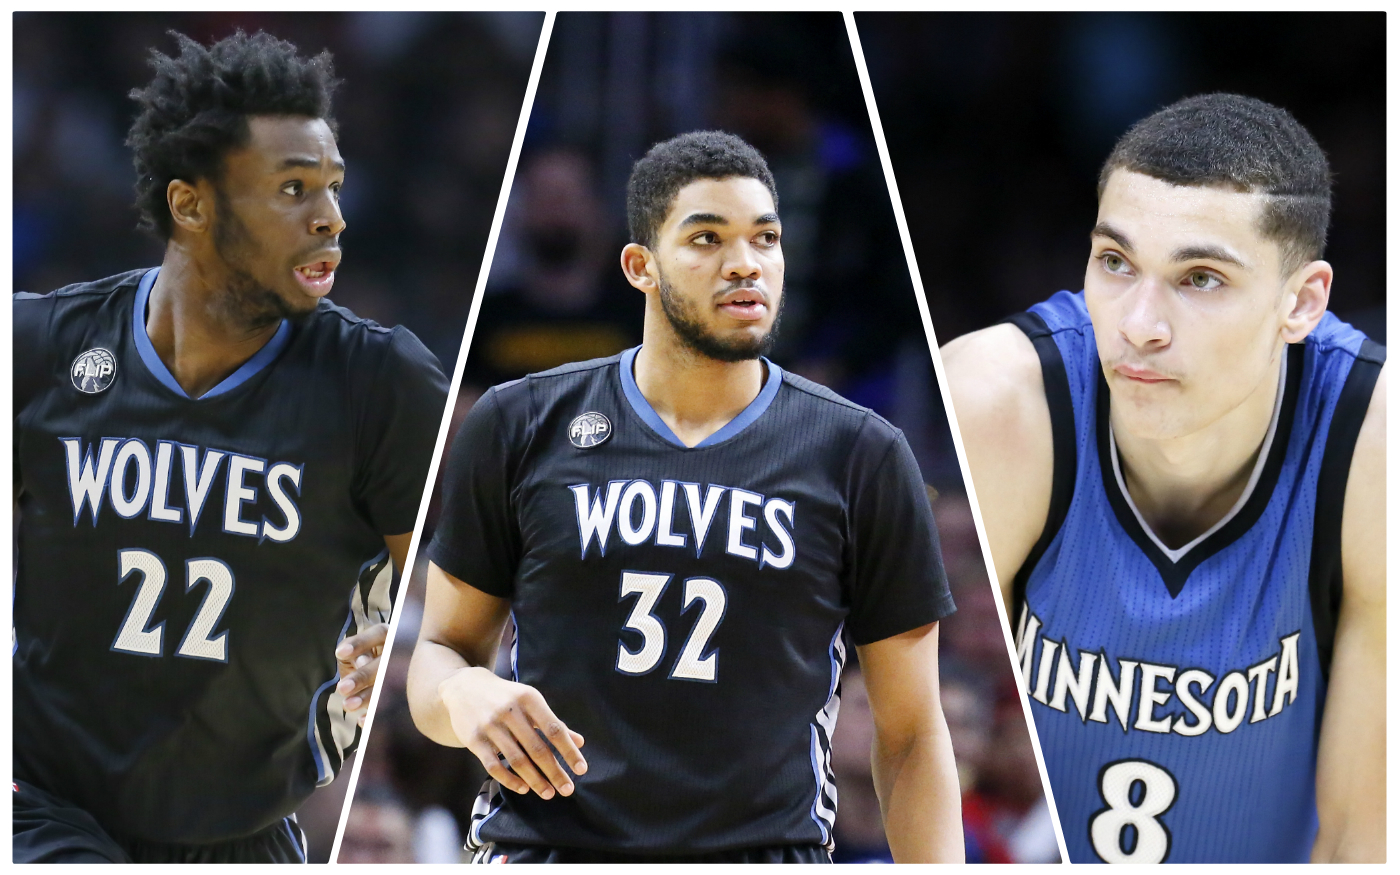 Les Minnesota Timberwolves, la douceur du moment